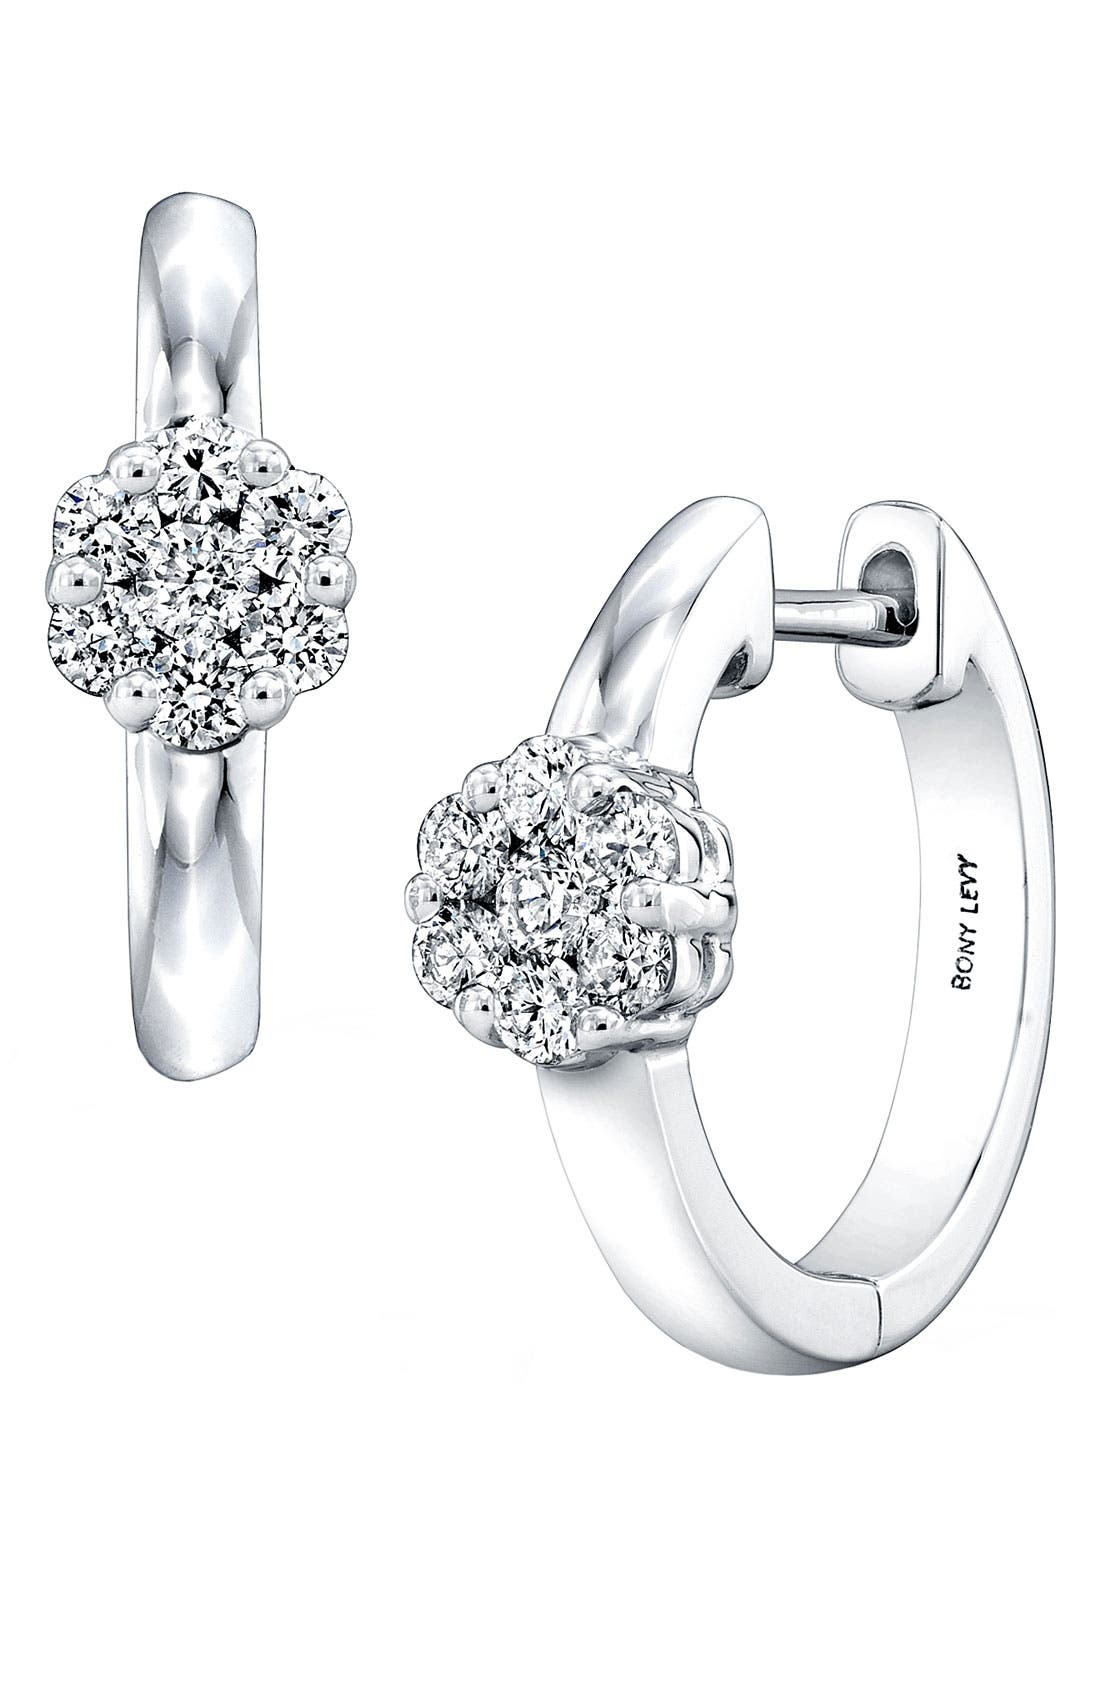 Alternate Image 1 Selected - Bony Levy Flower Diamond Hoop Earrings (Nordstrom Exclusive)